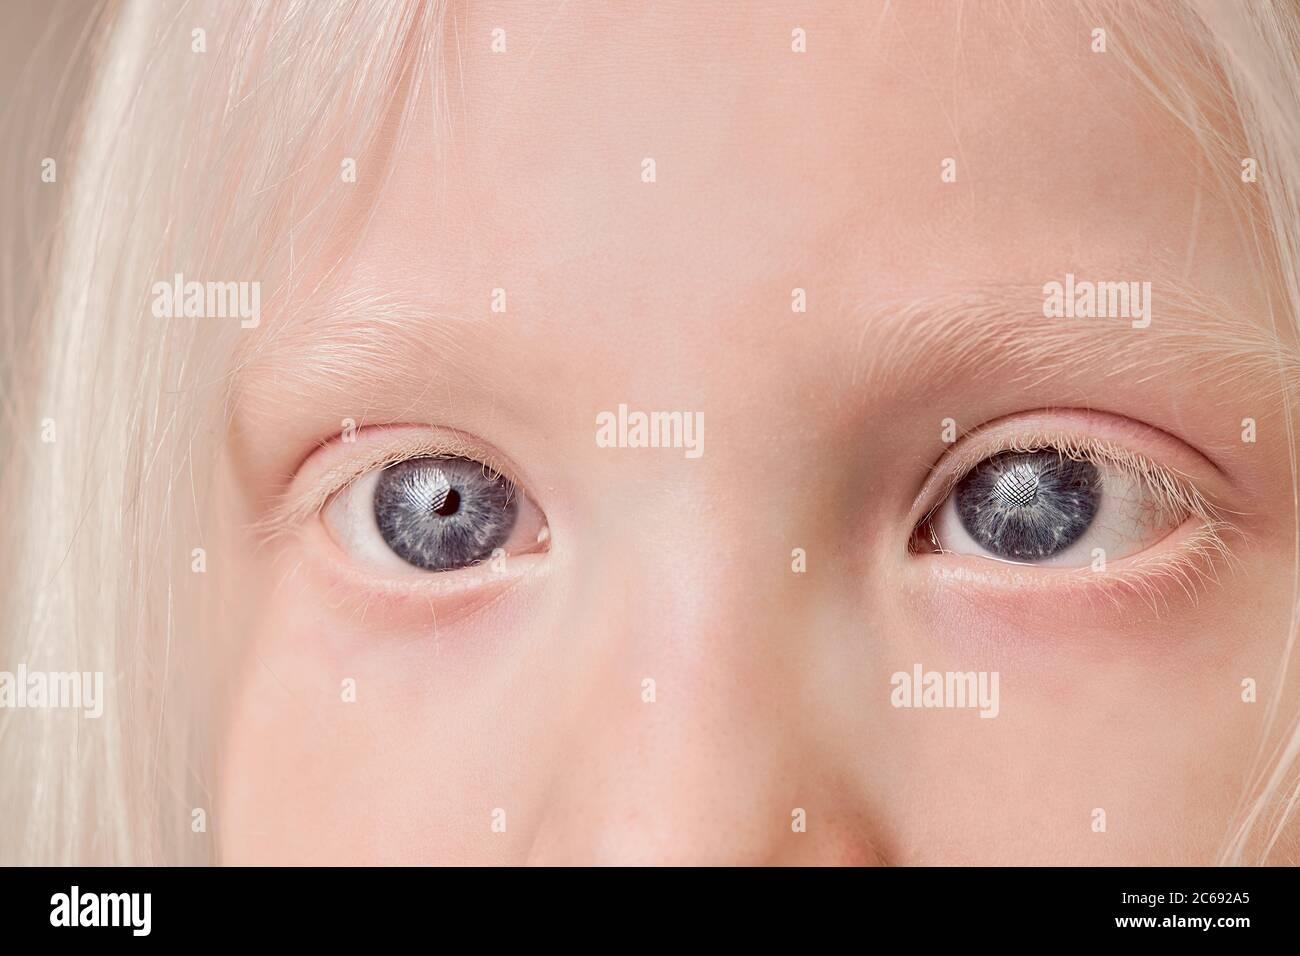 Nahaufnahme von Albino Kinderaugen, kleines Mädchen mit ...